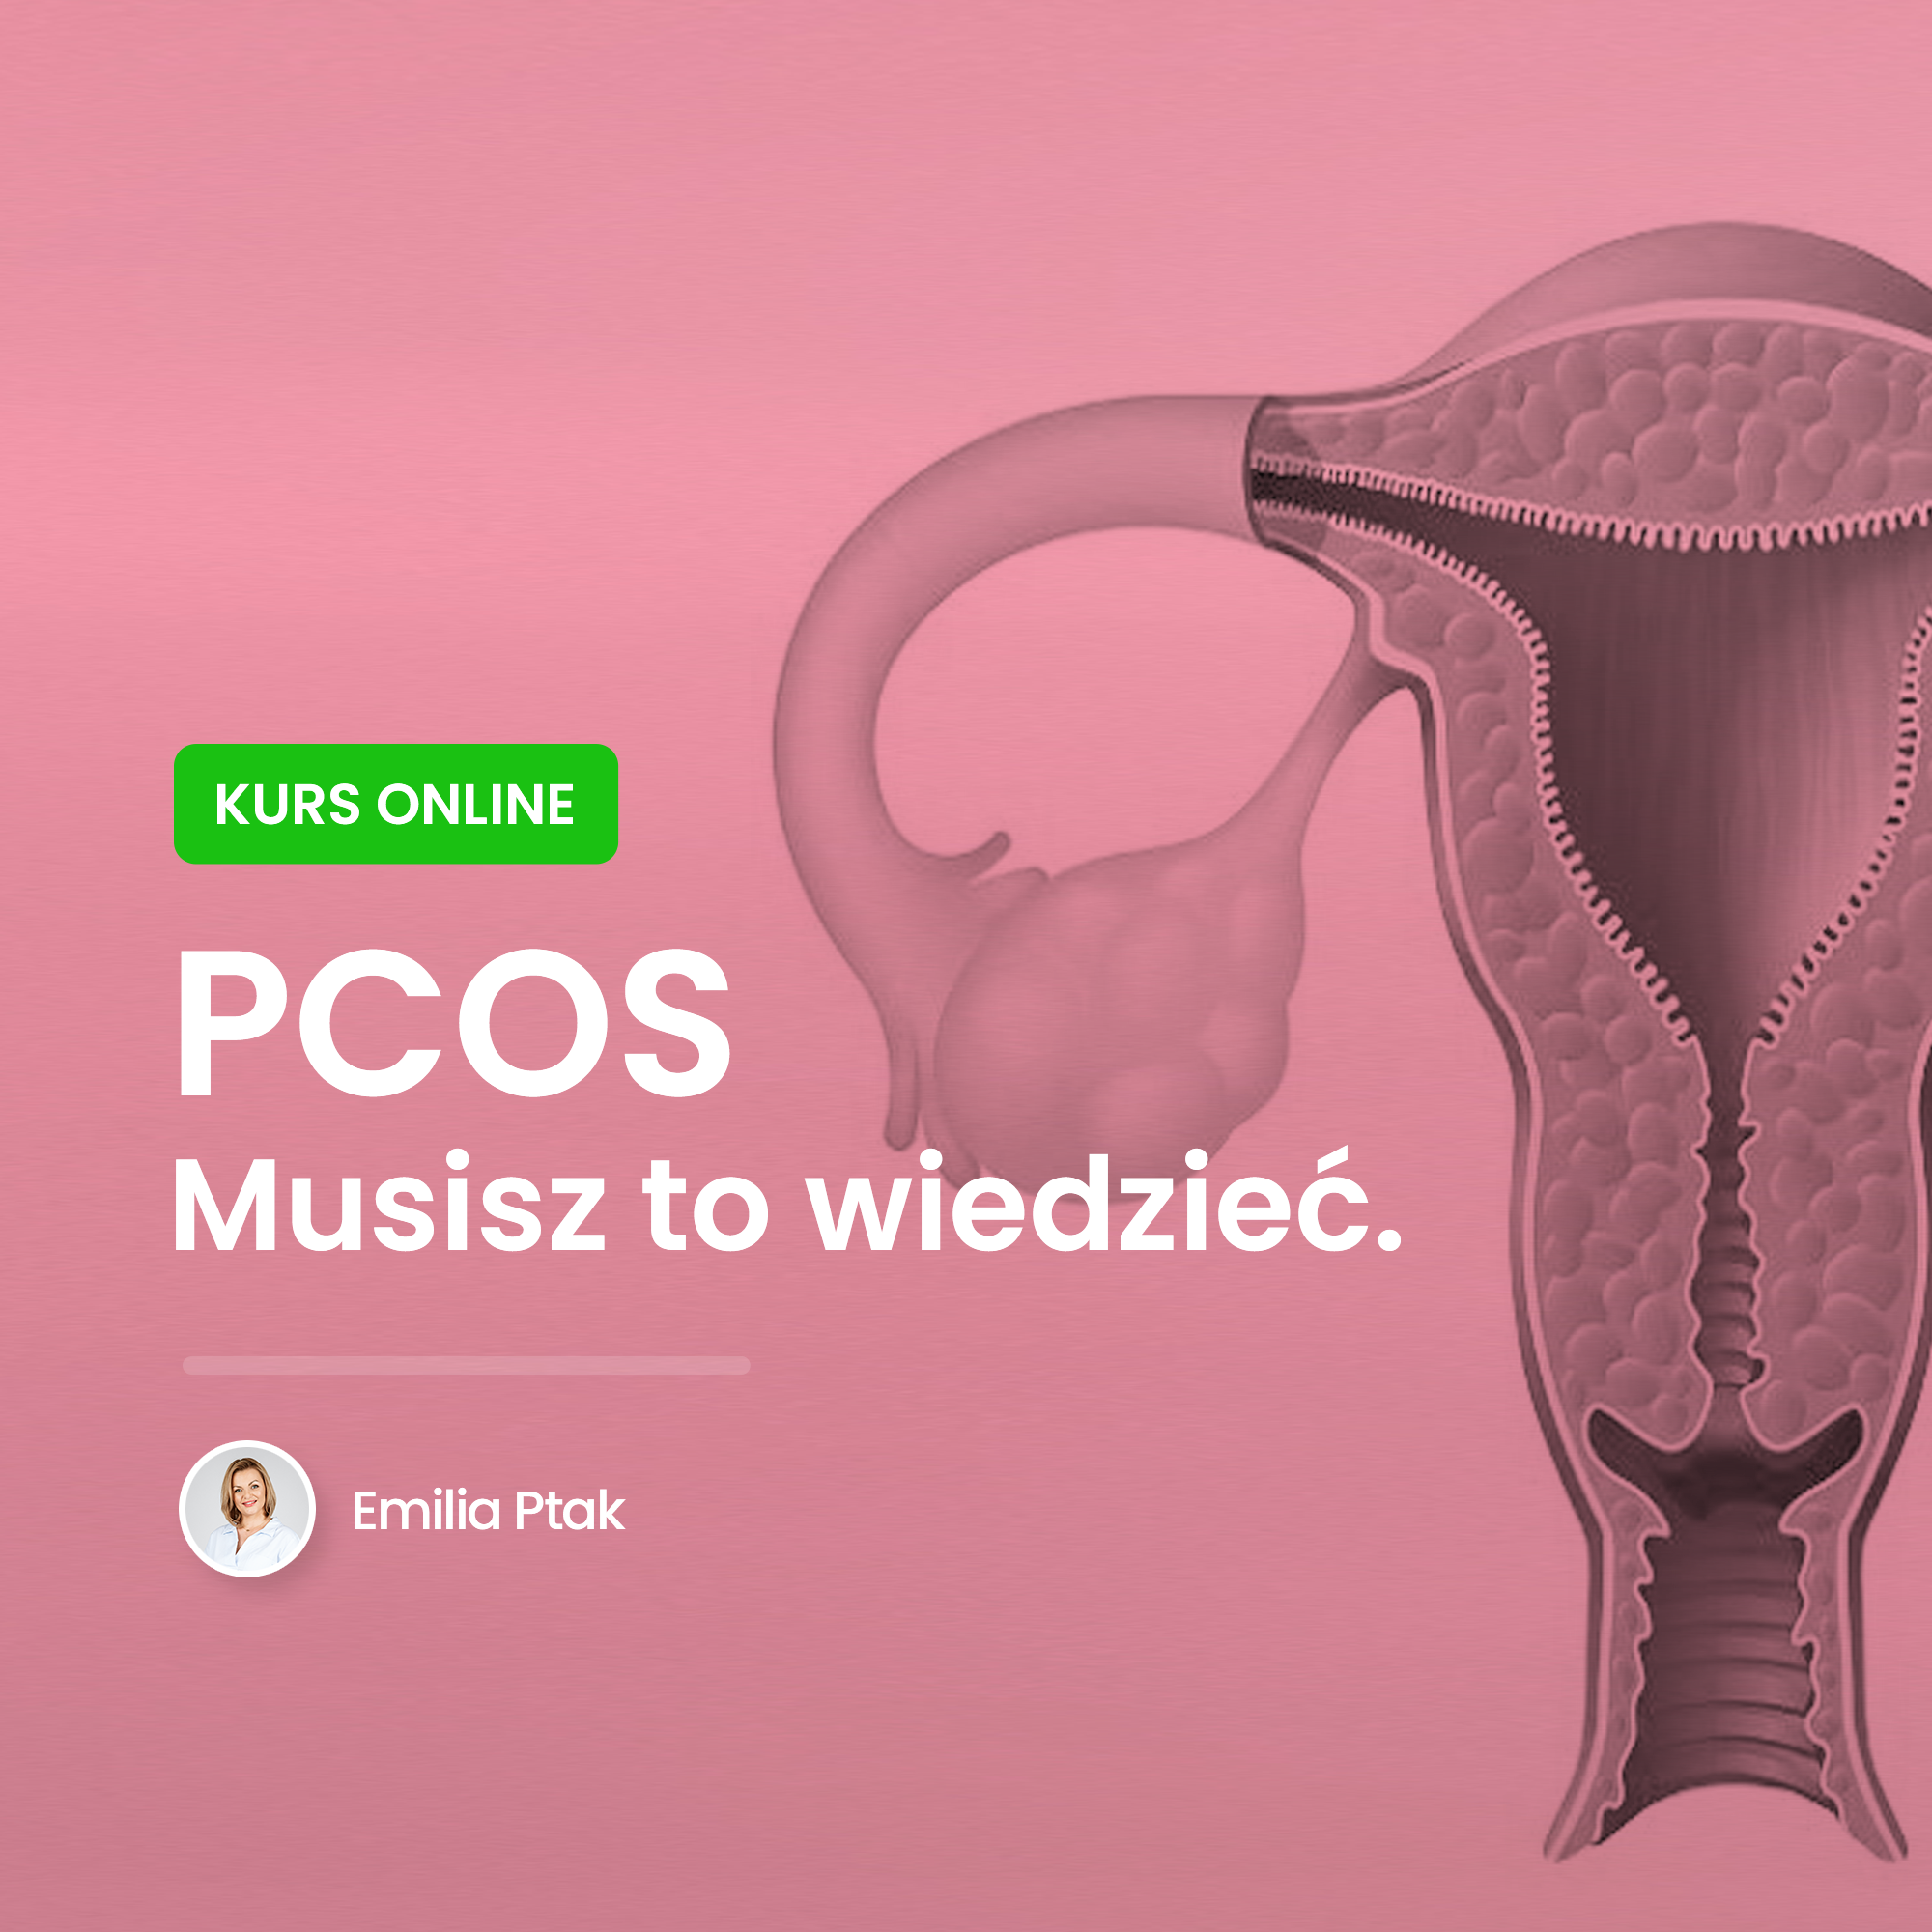 PCOS Kurs online